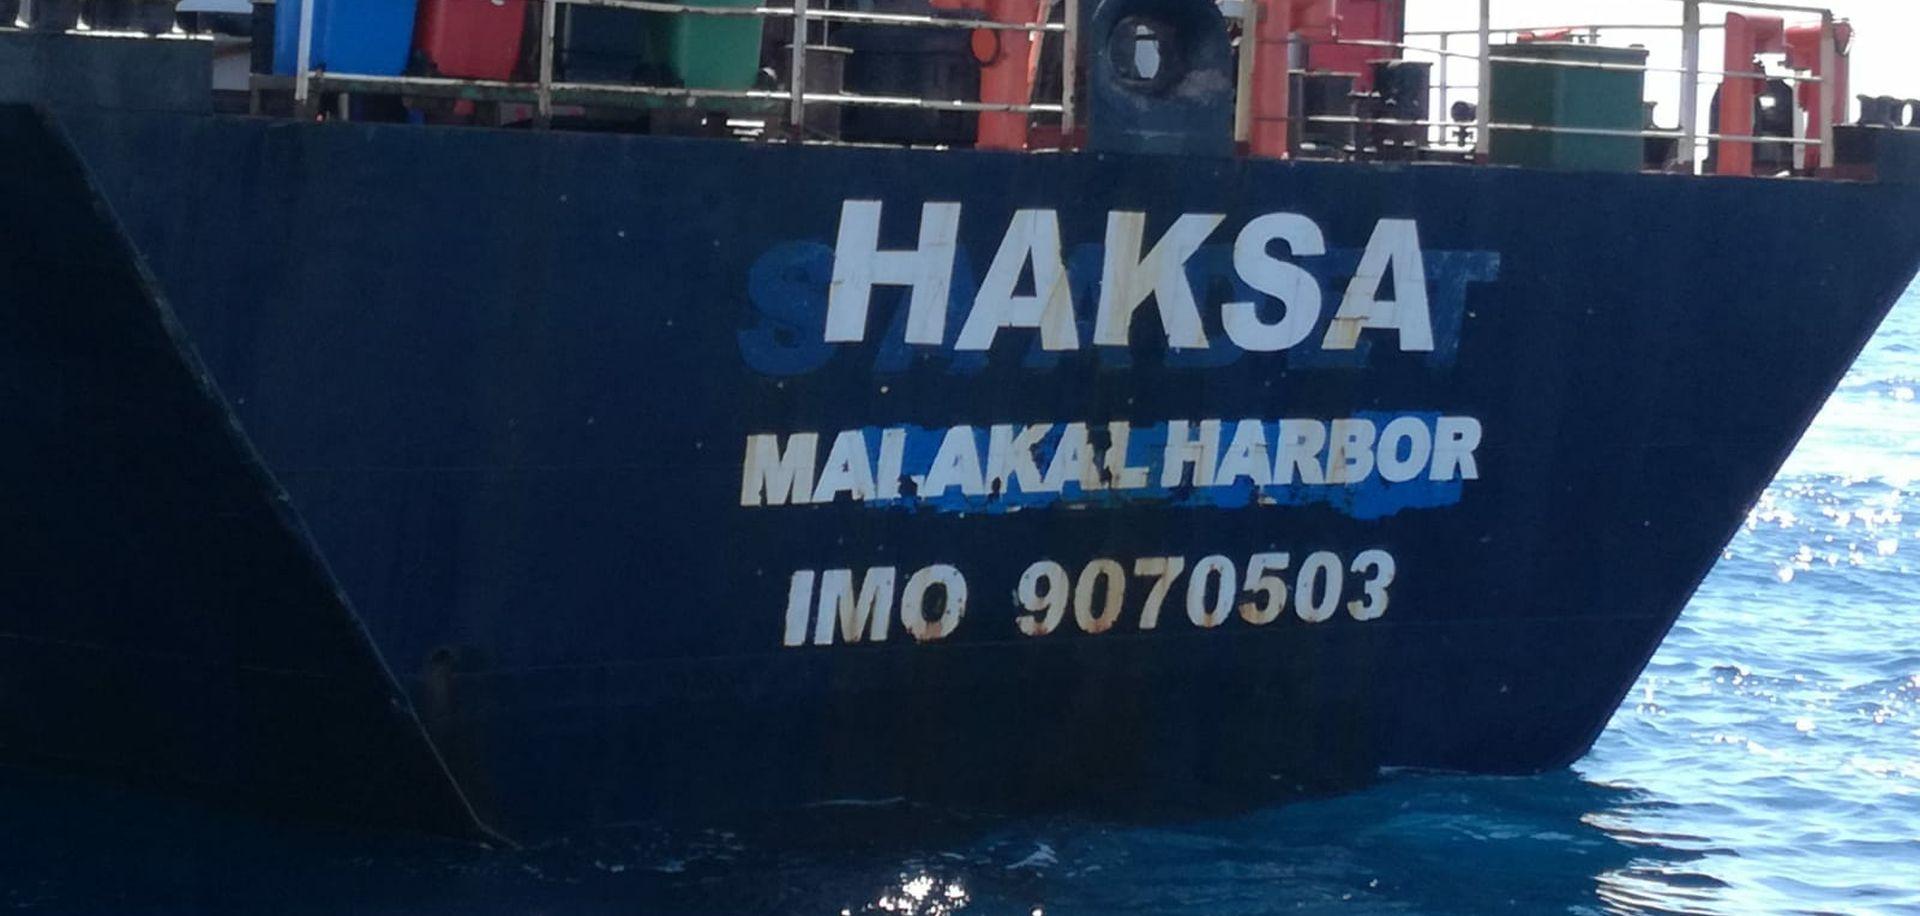 Pojavila se nova rupa na turskom brodu, tegljenje prekinuto